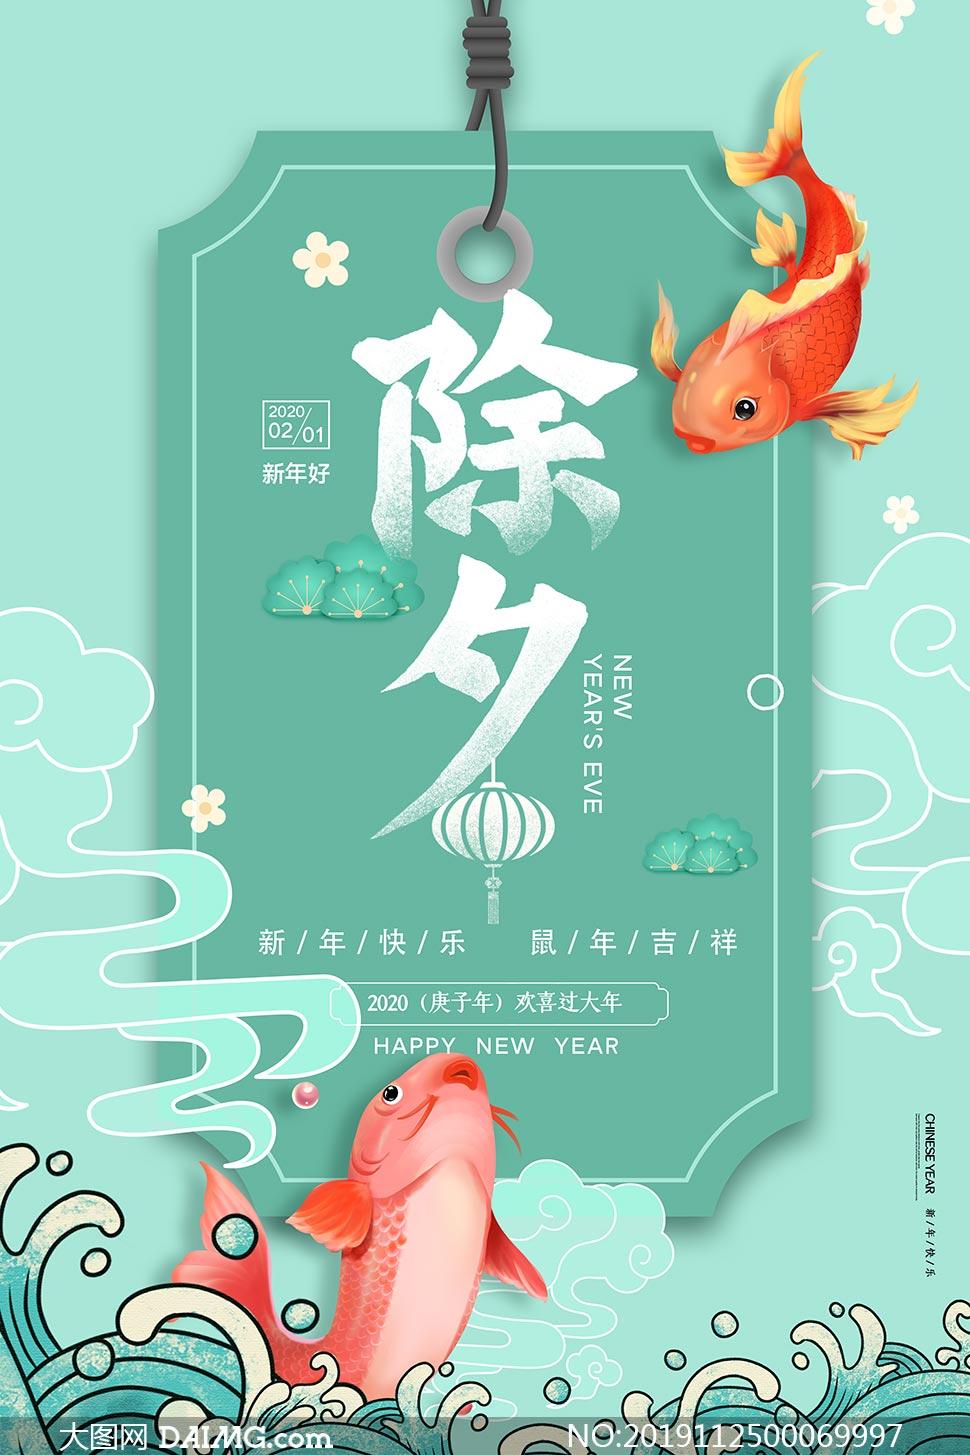 2020新春除夕夜主题海报设计PSD素材